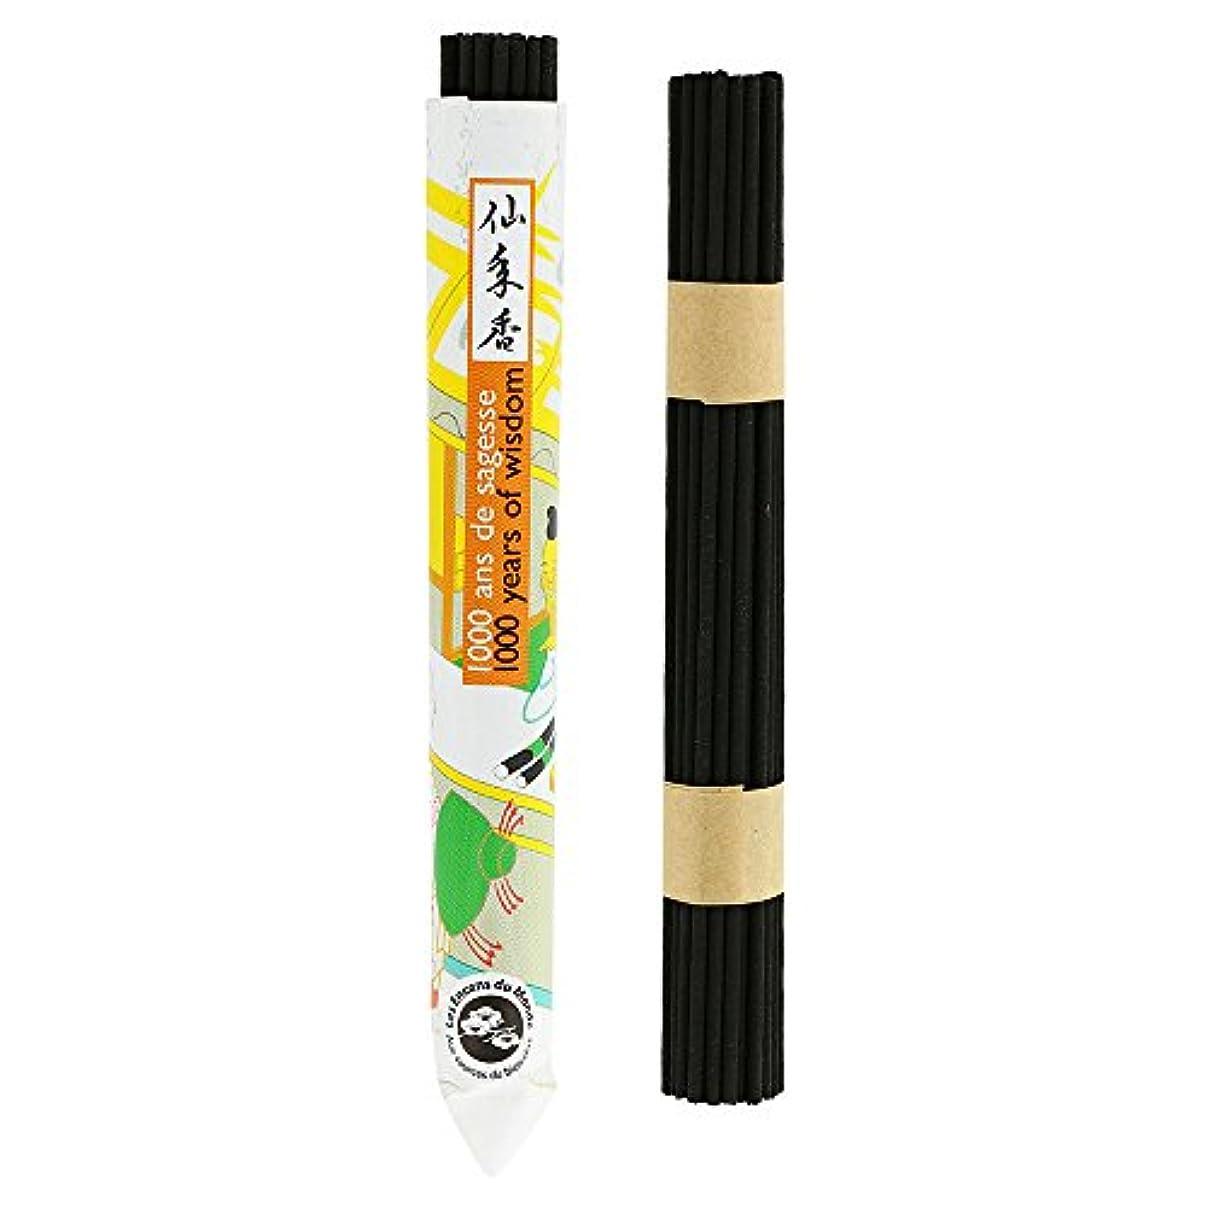 セッション田舎描写Japanese Incense – 1000年の知恵のShort Roll